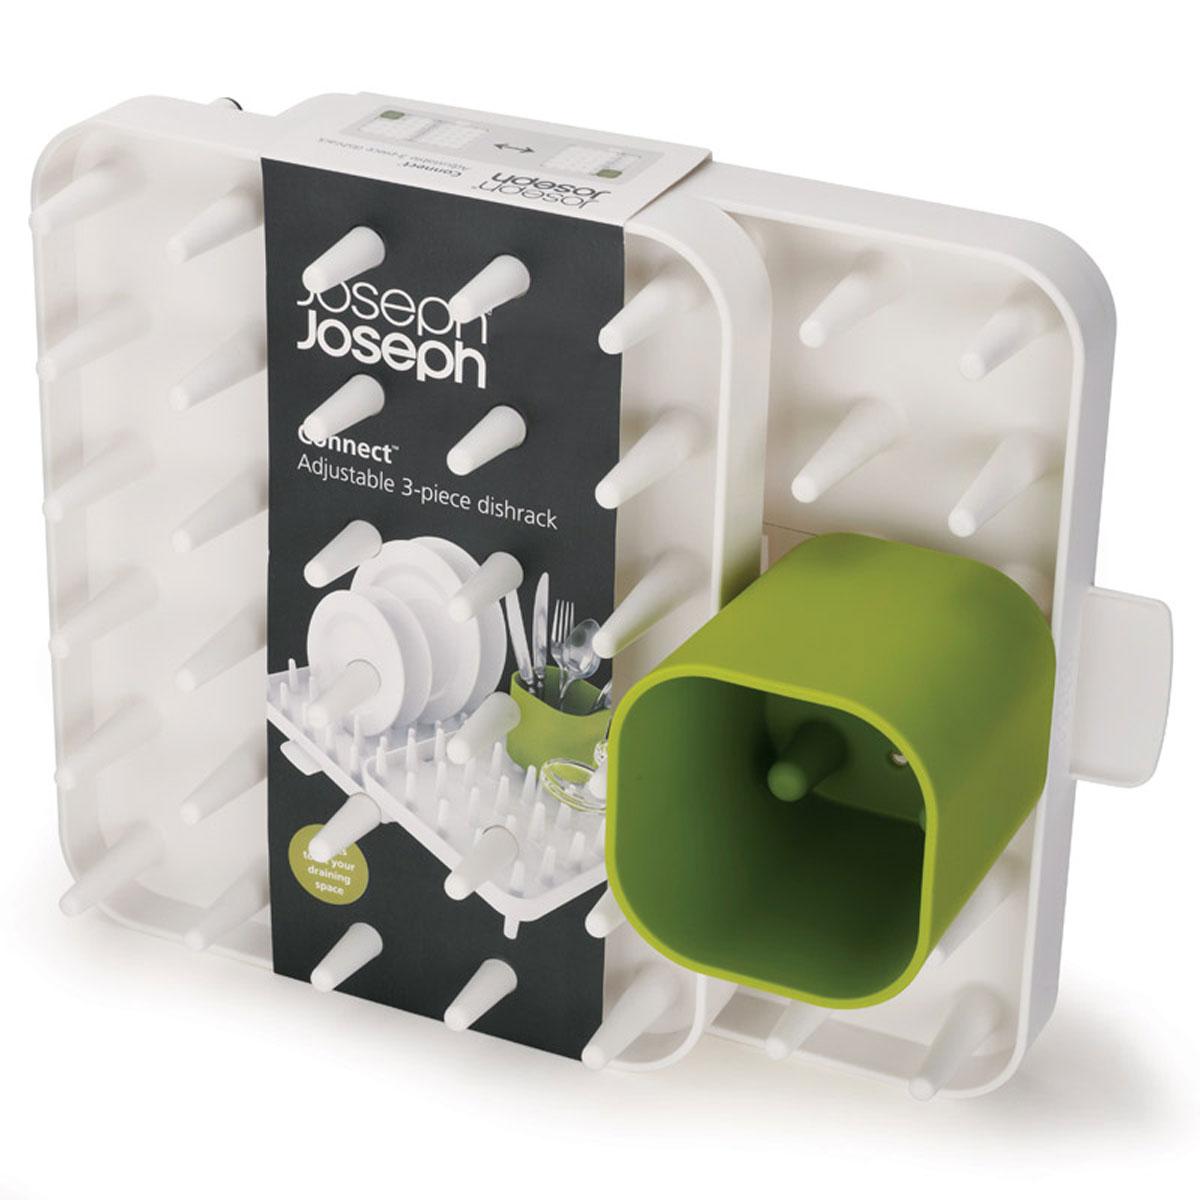 Сушилка для посуды Joseph Joseph Connect, цвет: белый, 44,5 см х 10,5 см х 29 см85034Сушилка для посуды Joseph Joseph Connect изготовлена из высококачественного пластика. Уникальная сушилка, состоящая из трех отделений, поместится на любой кухне, так как ее компоненты можно перемещать друг относительно друга, адаптируя под заданное пространство. Благодаря специальным зубцам можно размещать на ней тарелки, чашки, миски в любой комбинации. Также в комплекте идет специальная подставка для столовых приборов. Стекающая с посуды вода отводится в специальный поддон, просто разместите сушилку рядом с раковиной. Благодаря нескользящему основанию сушилка займет свое место на рабочем столе и станет отличным помощником как после обеда на двоих, так и после семейного торжества.